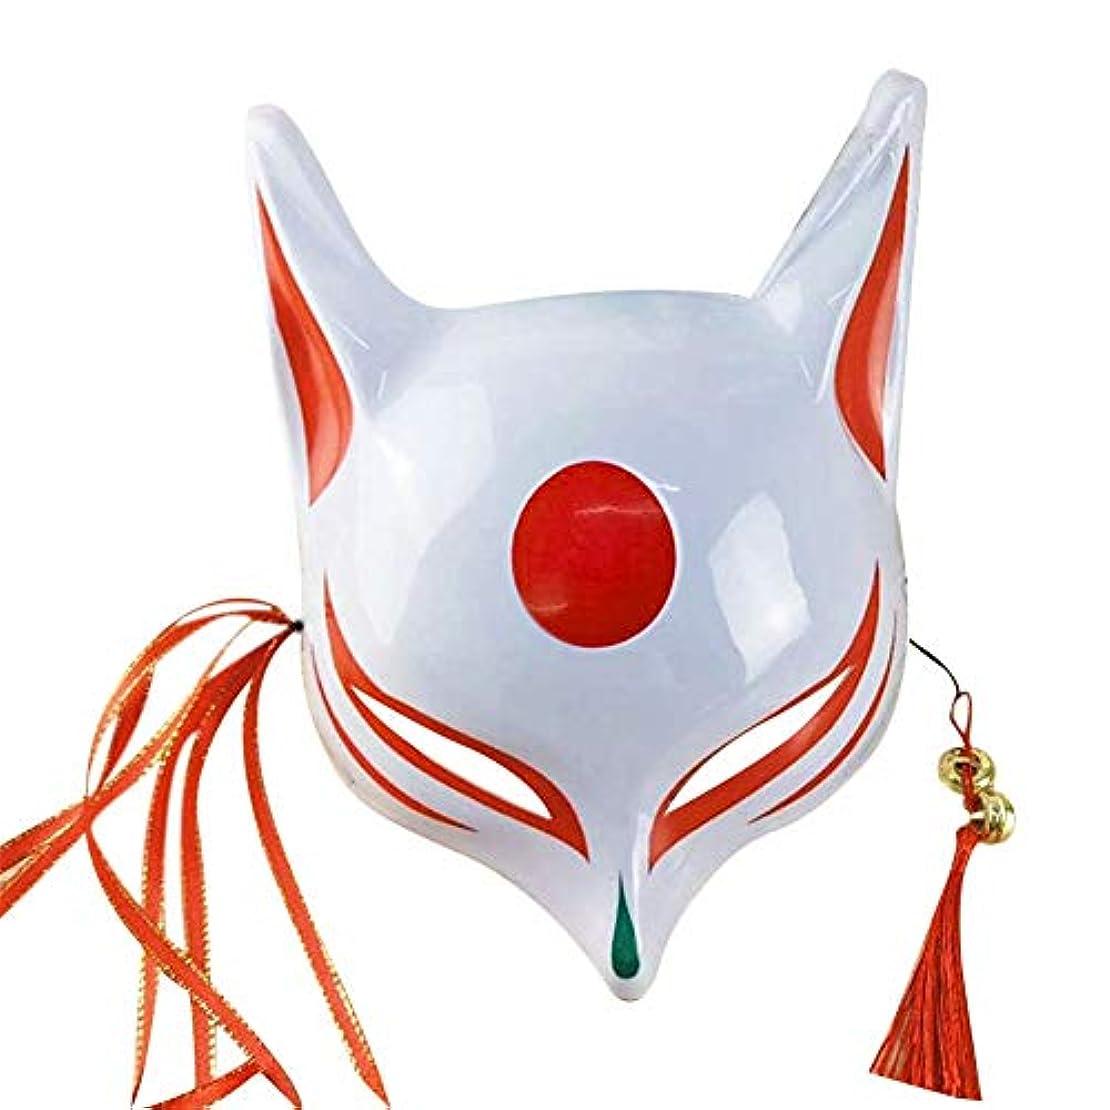 経済反逆上がるKISSION手描きのマスクフォックスハーフフェイスマスクロールプレイ仮装ドレスアップ マスクバーパーティー キツネの妖精の半分の顔 和風の手描き